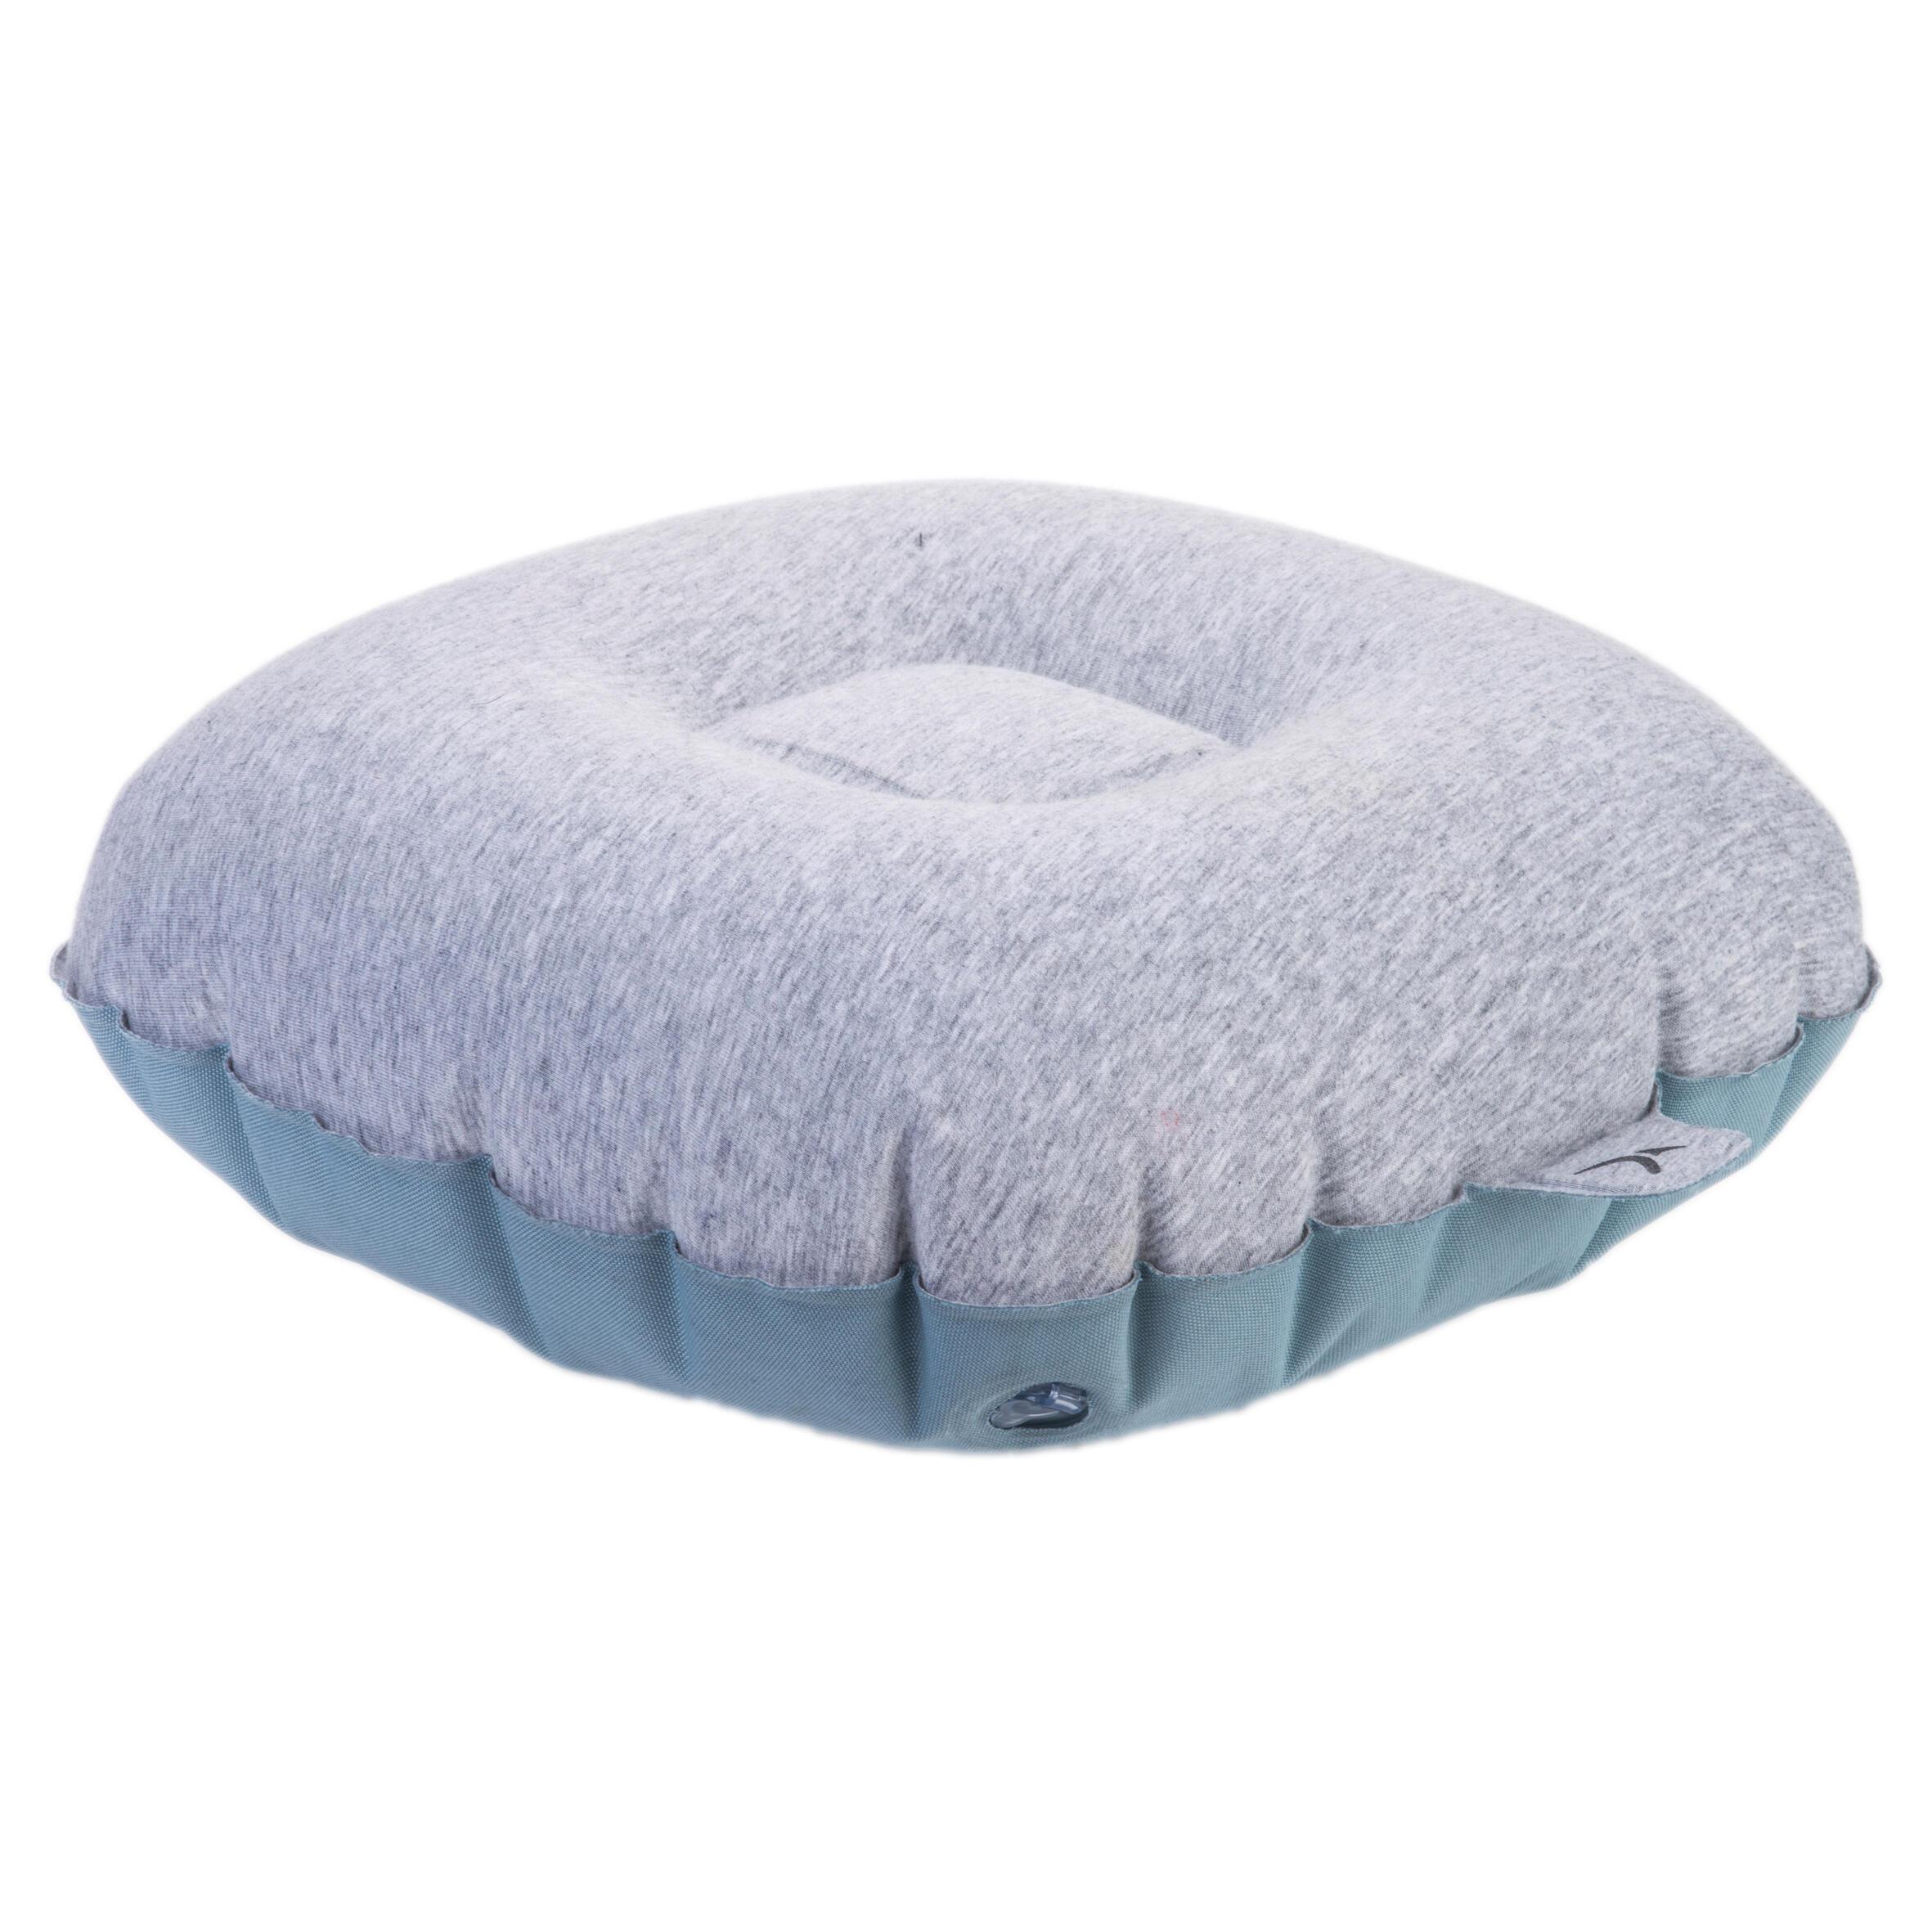 Balance Cushion Mini